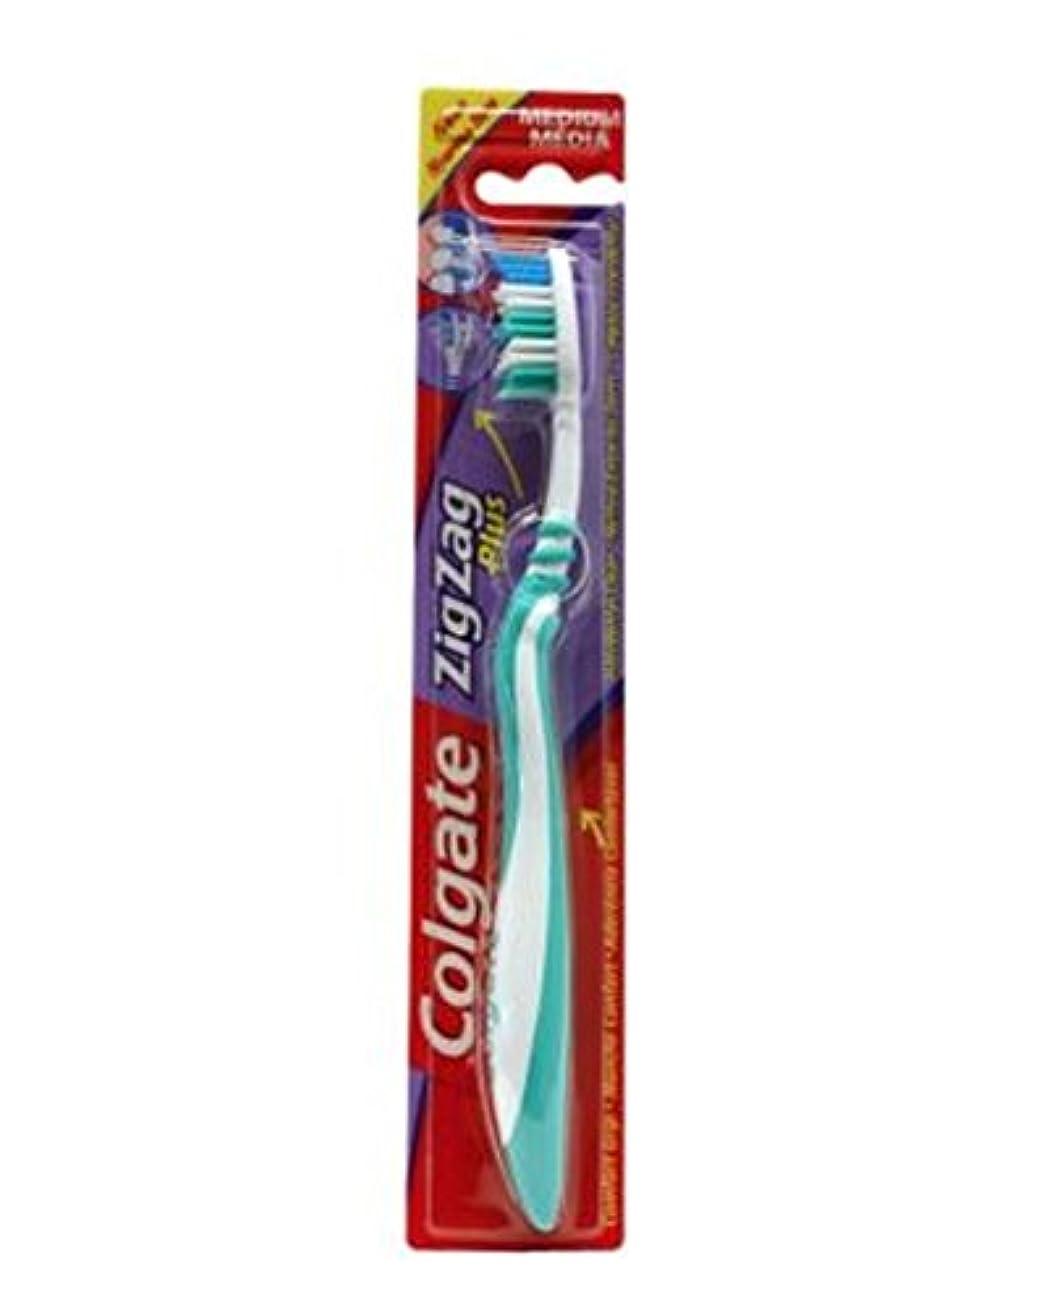 準備富炭素Colgate Zig Zag Plus Toothbrush Medium - コルゲートジグザグプラス歯ブラシ媒体 (Colgate) [並行輸入品]